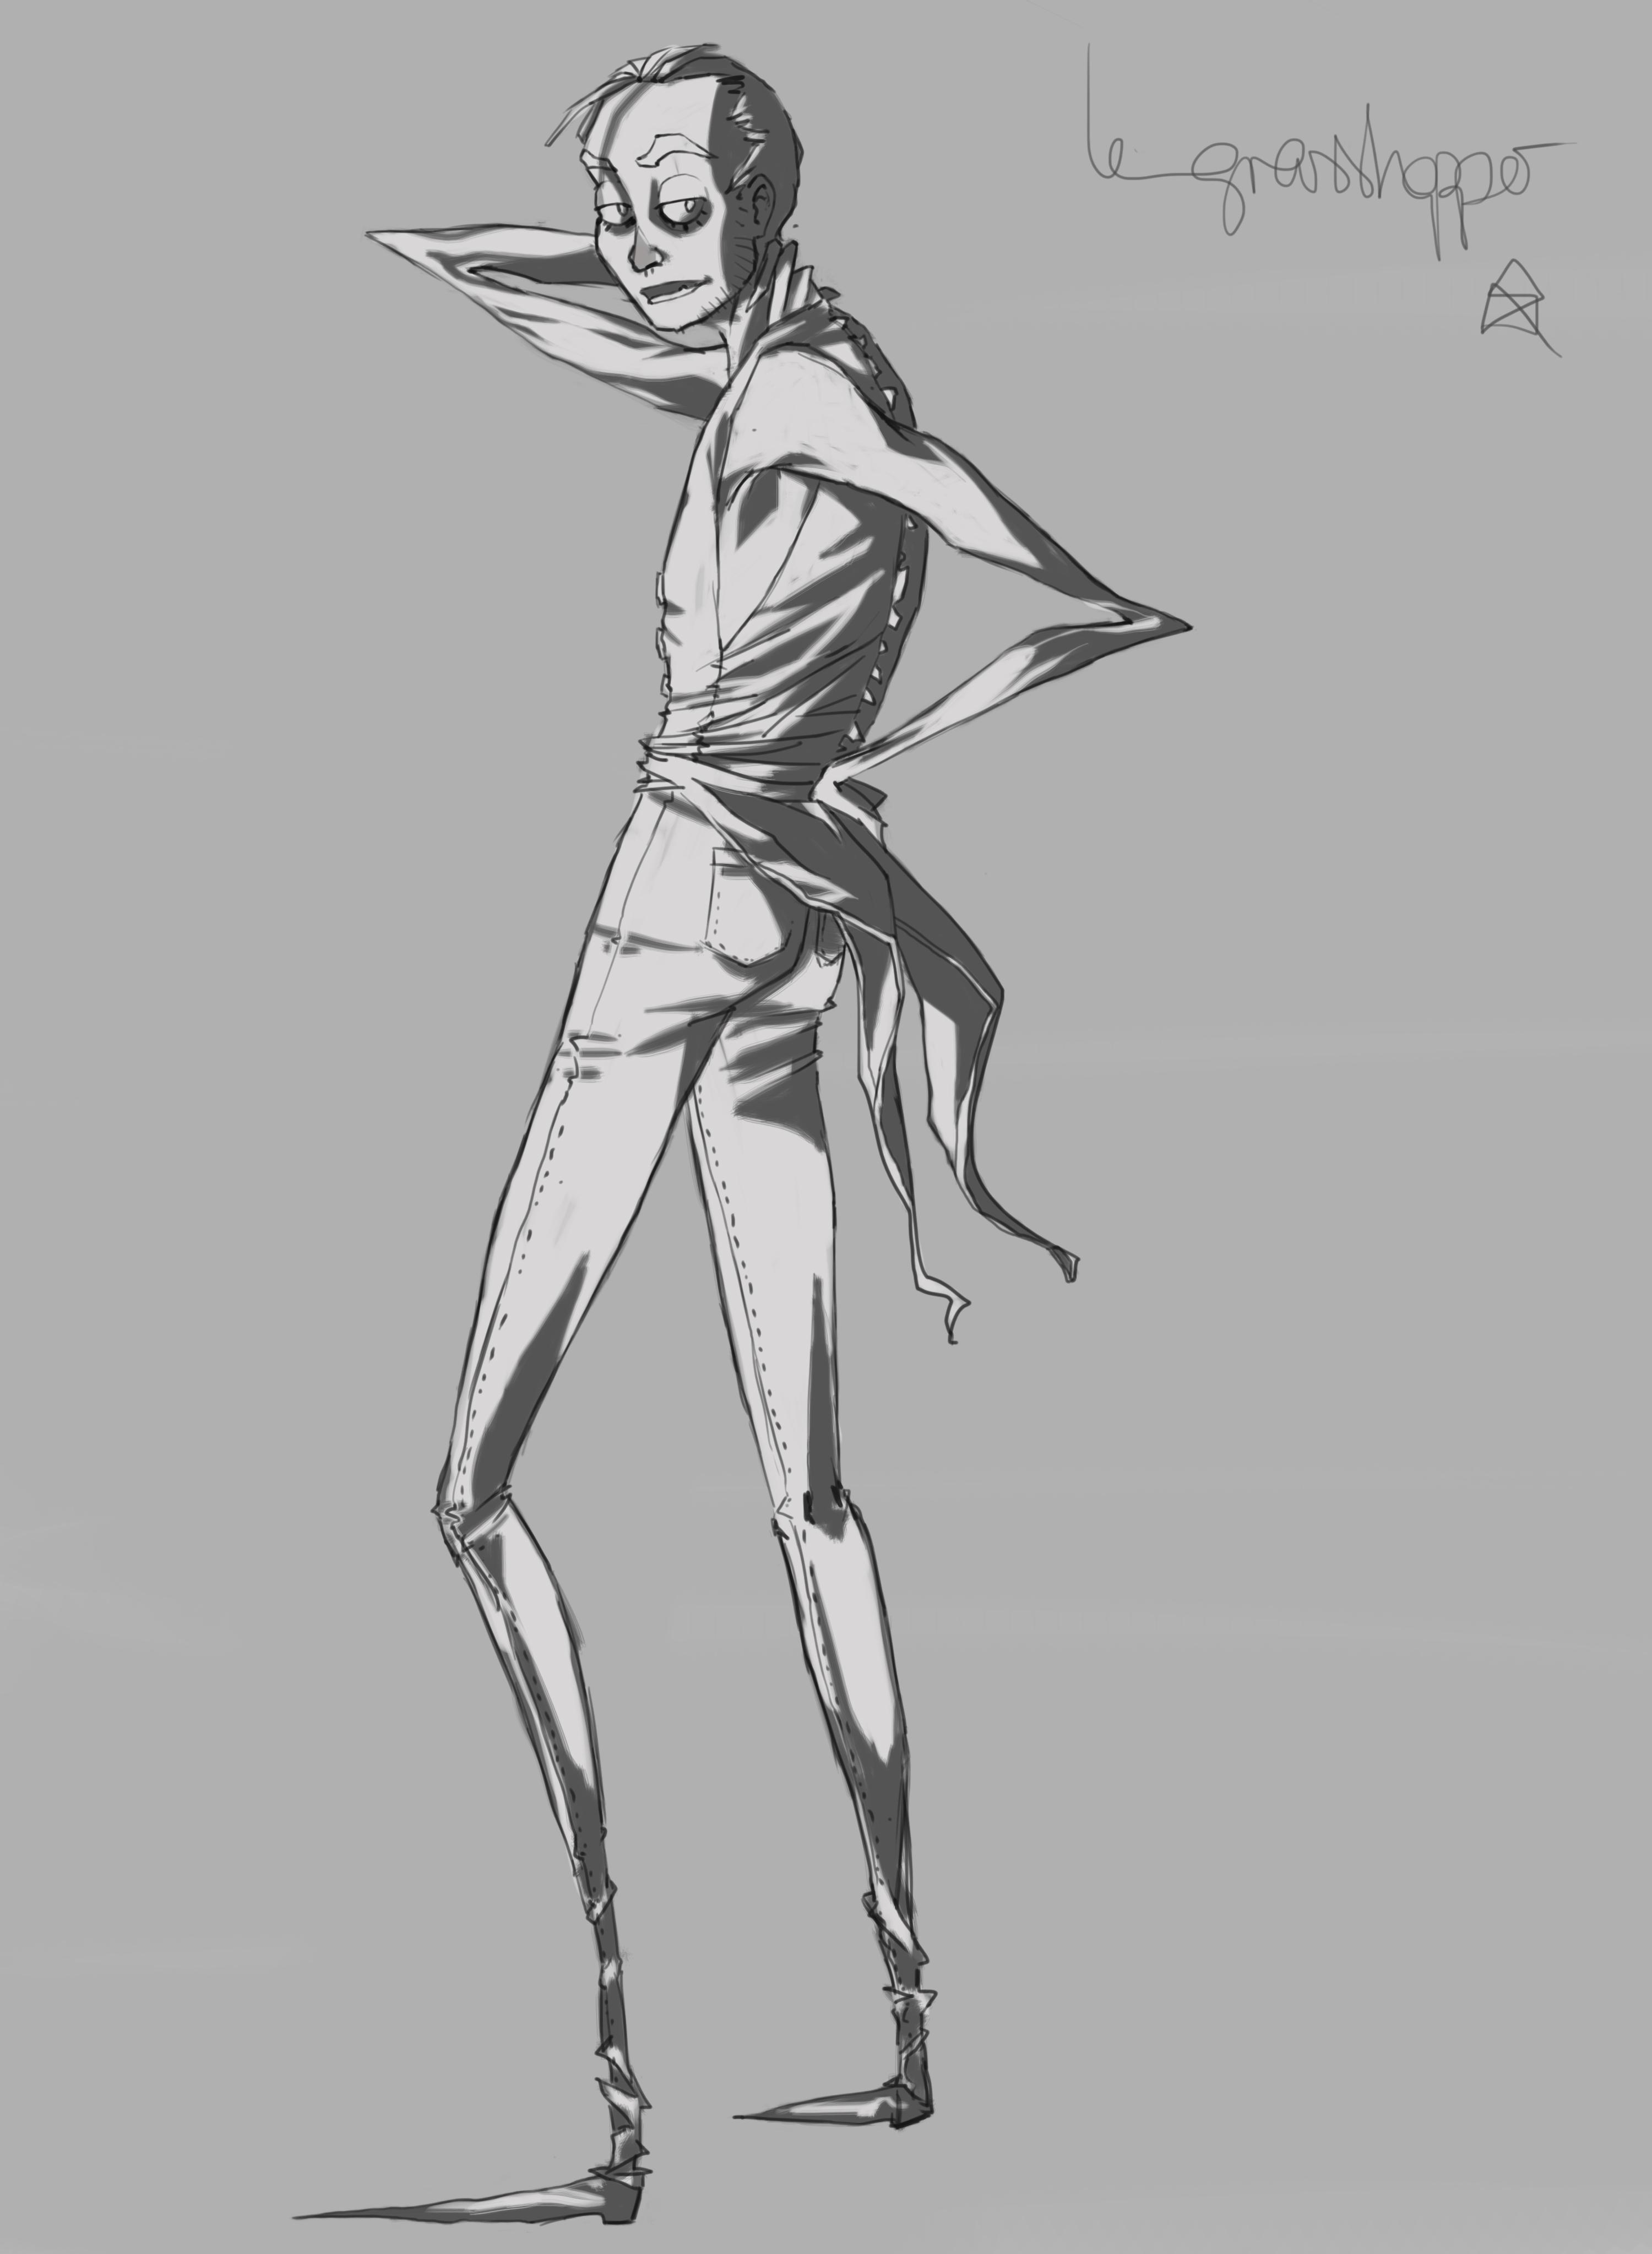 legrasshopper